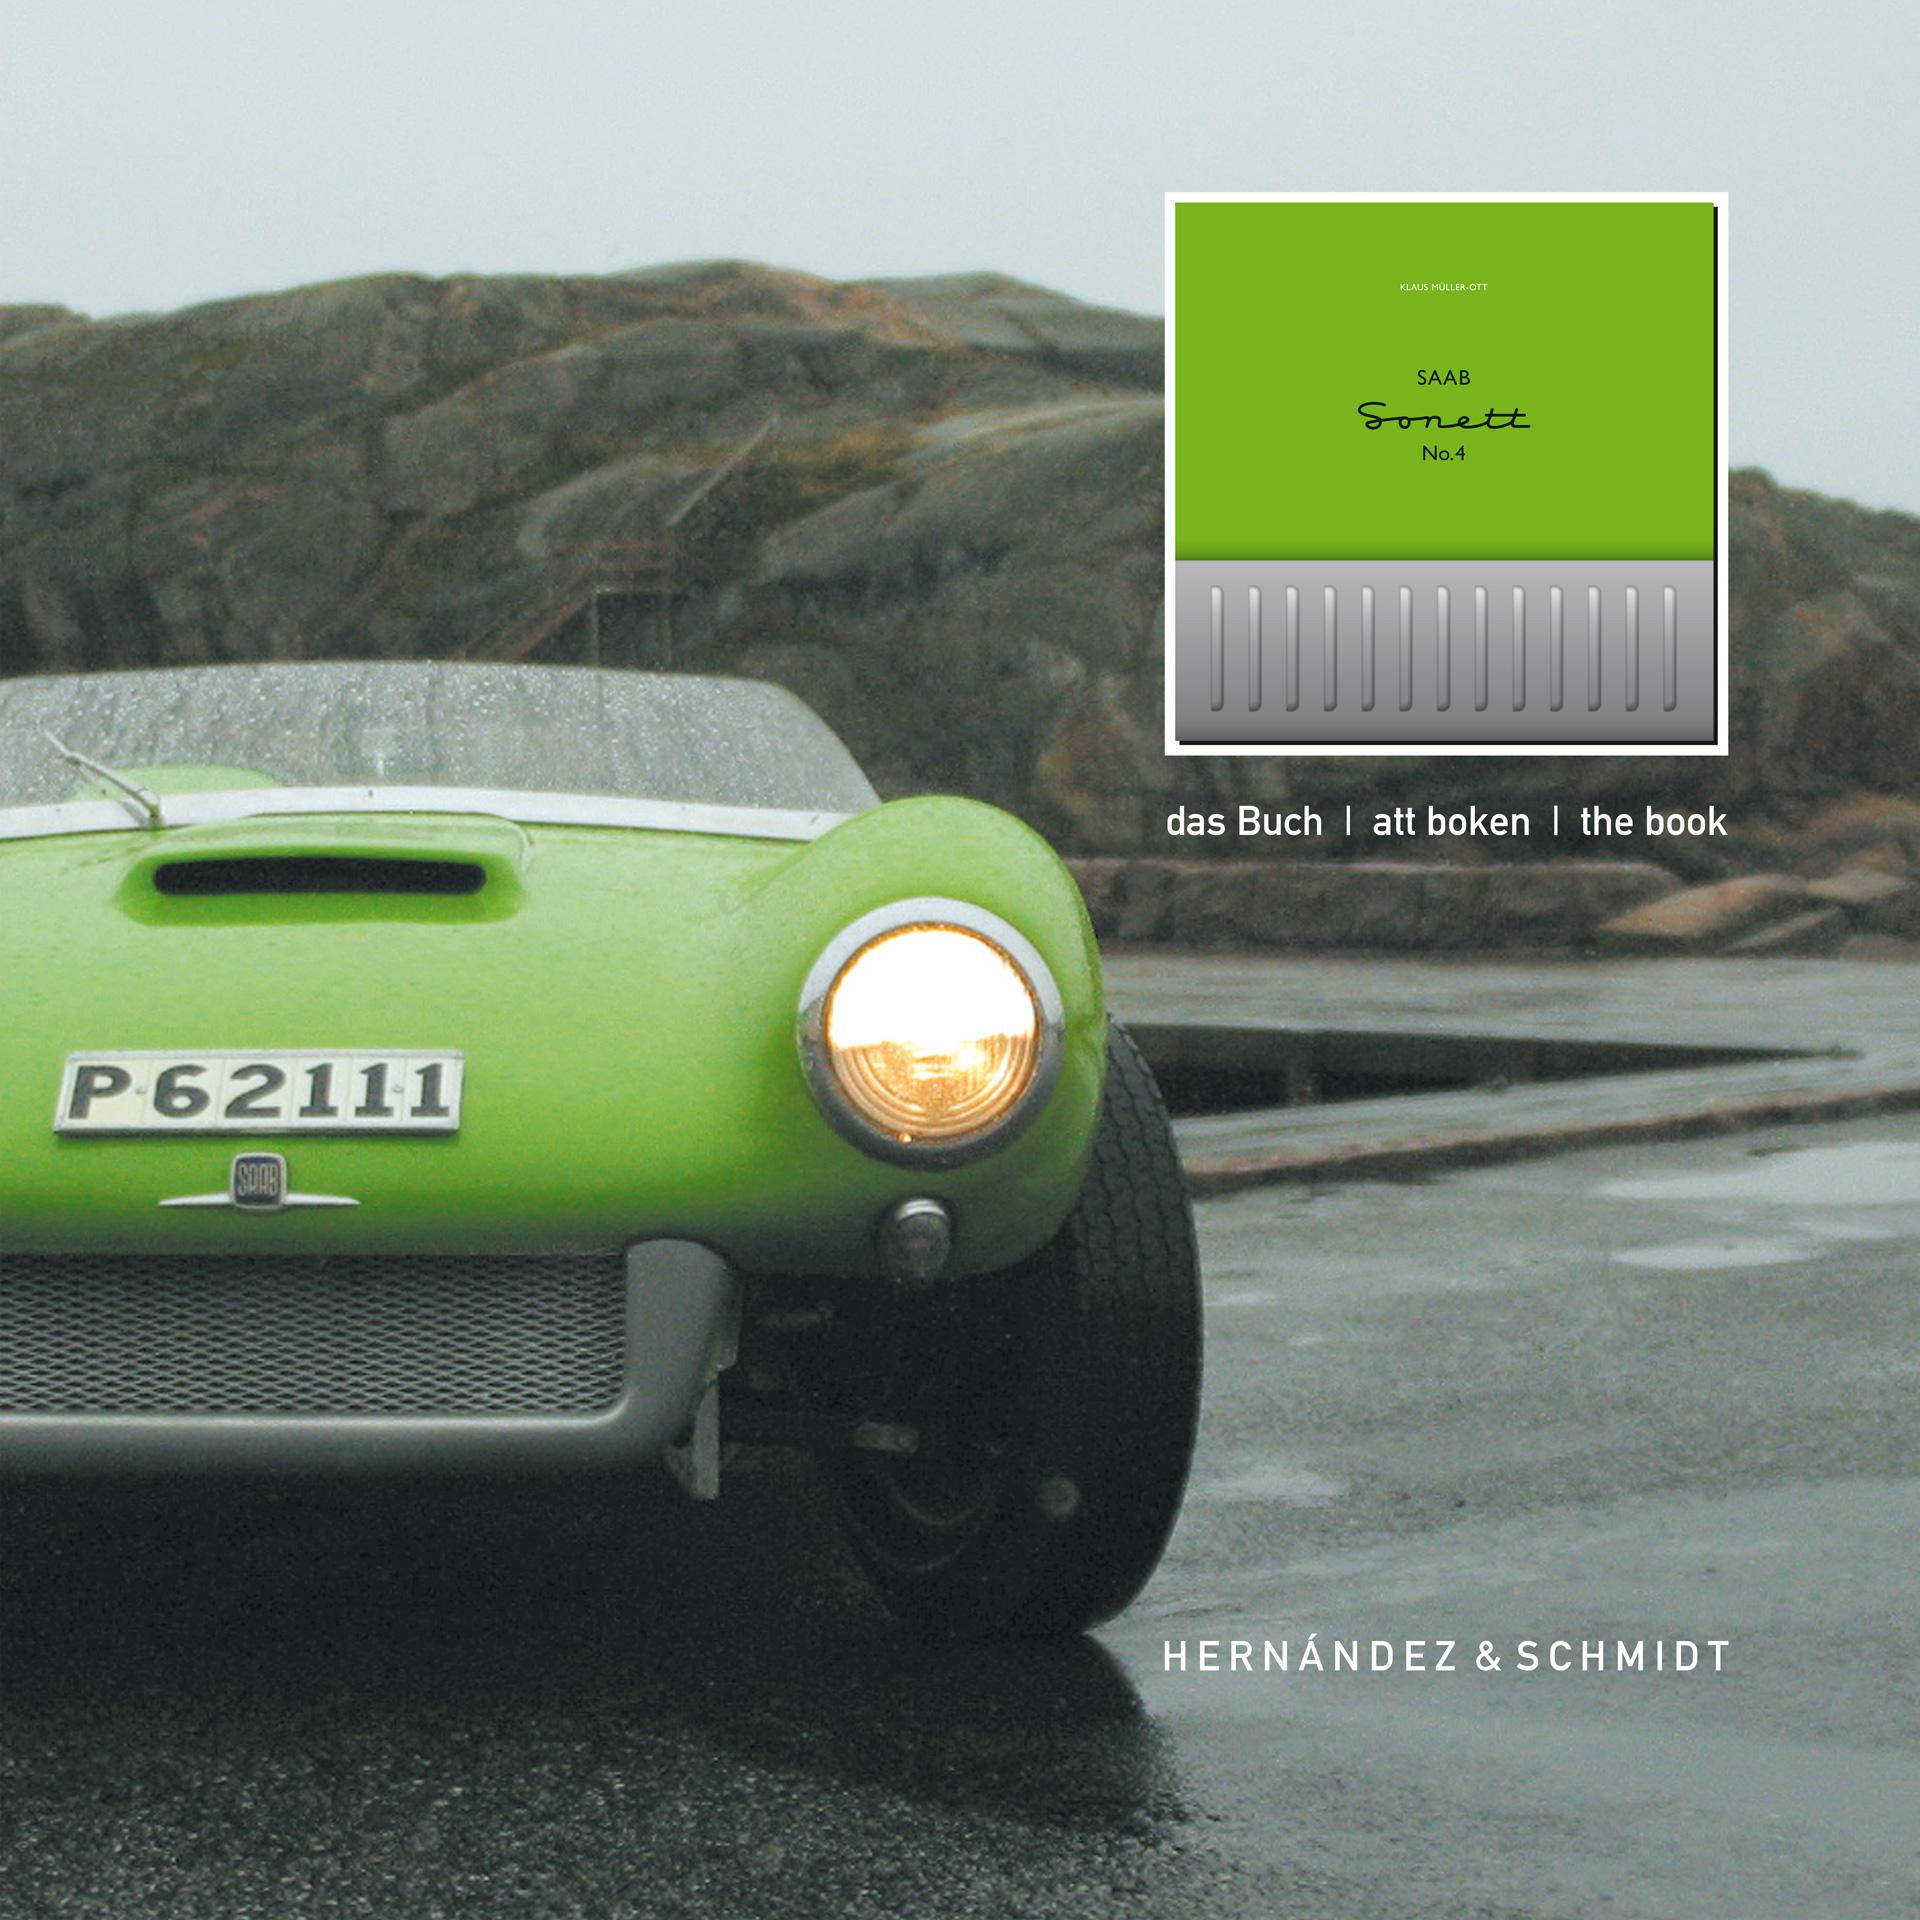 »Saab Sonett No.4«, Trollhättan, Schweden, Werbedisplay